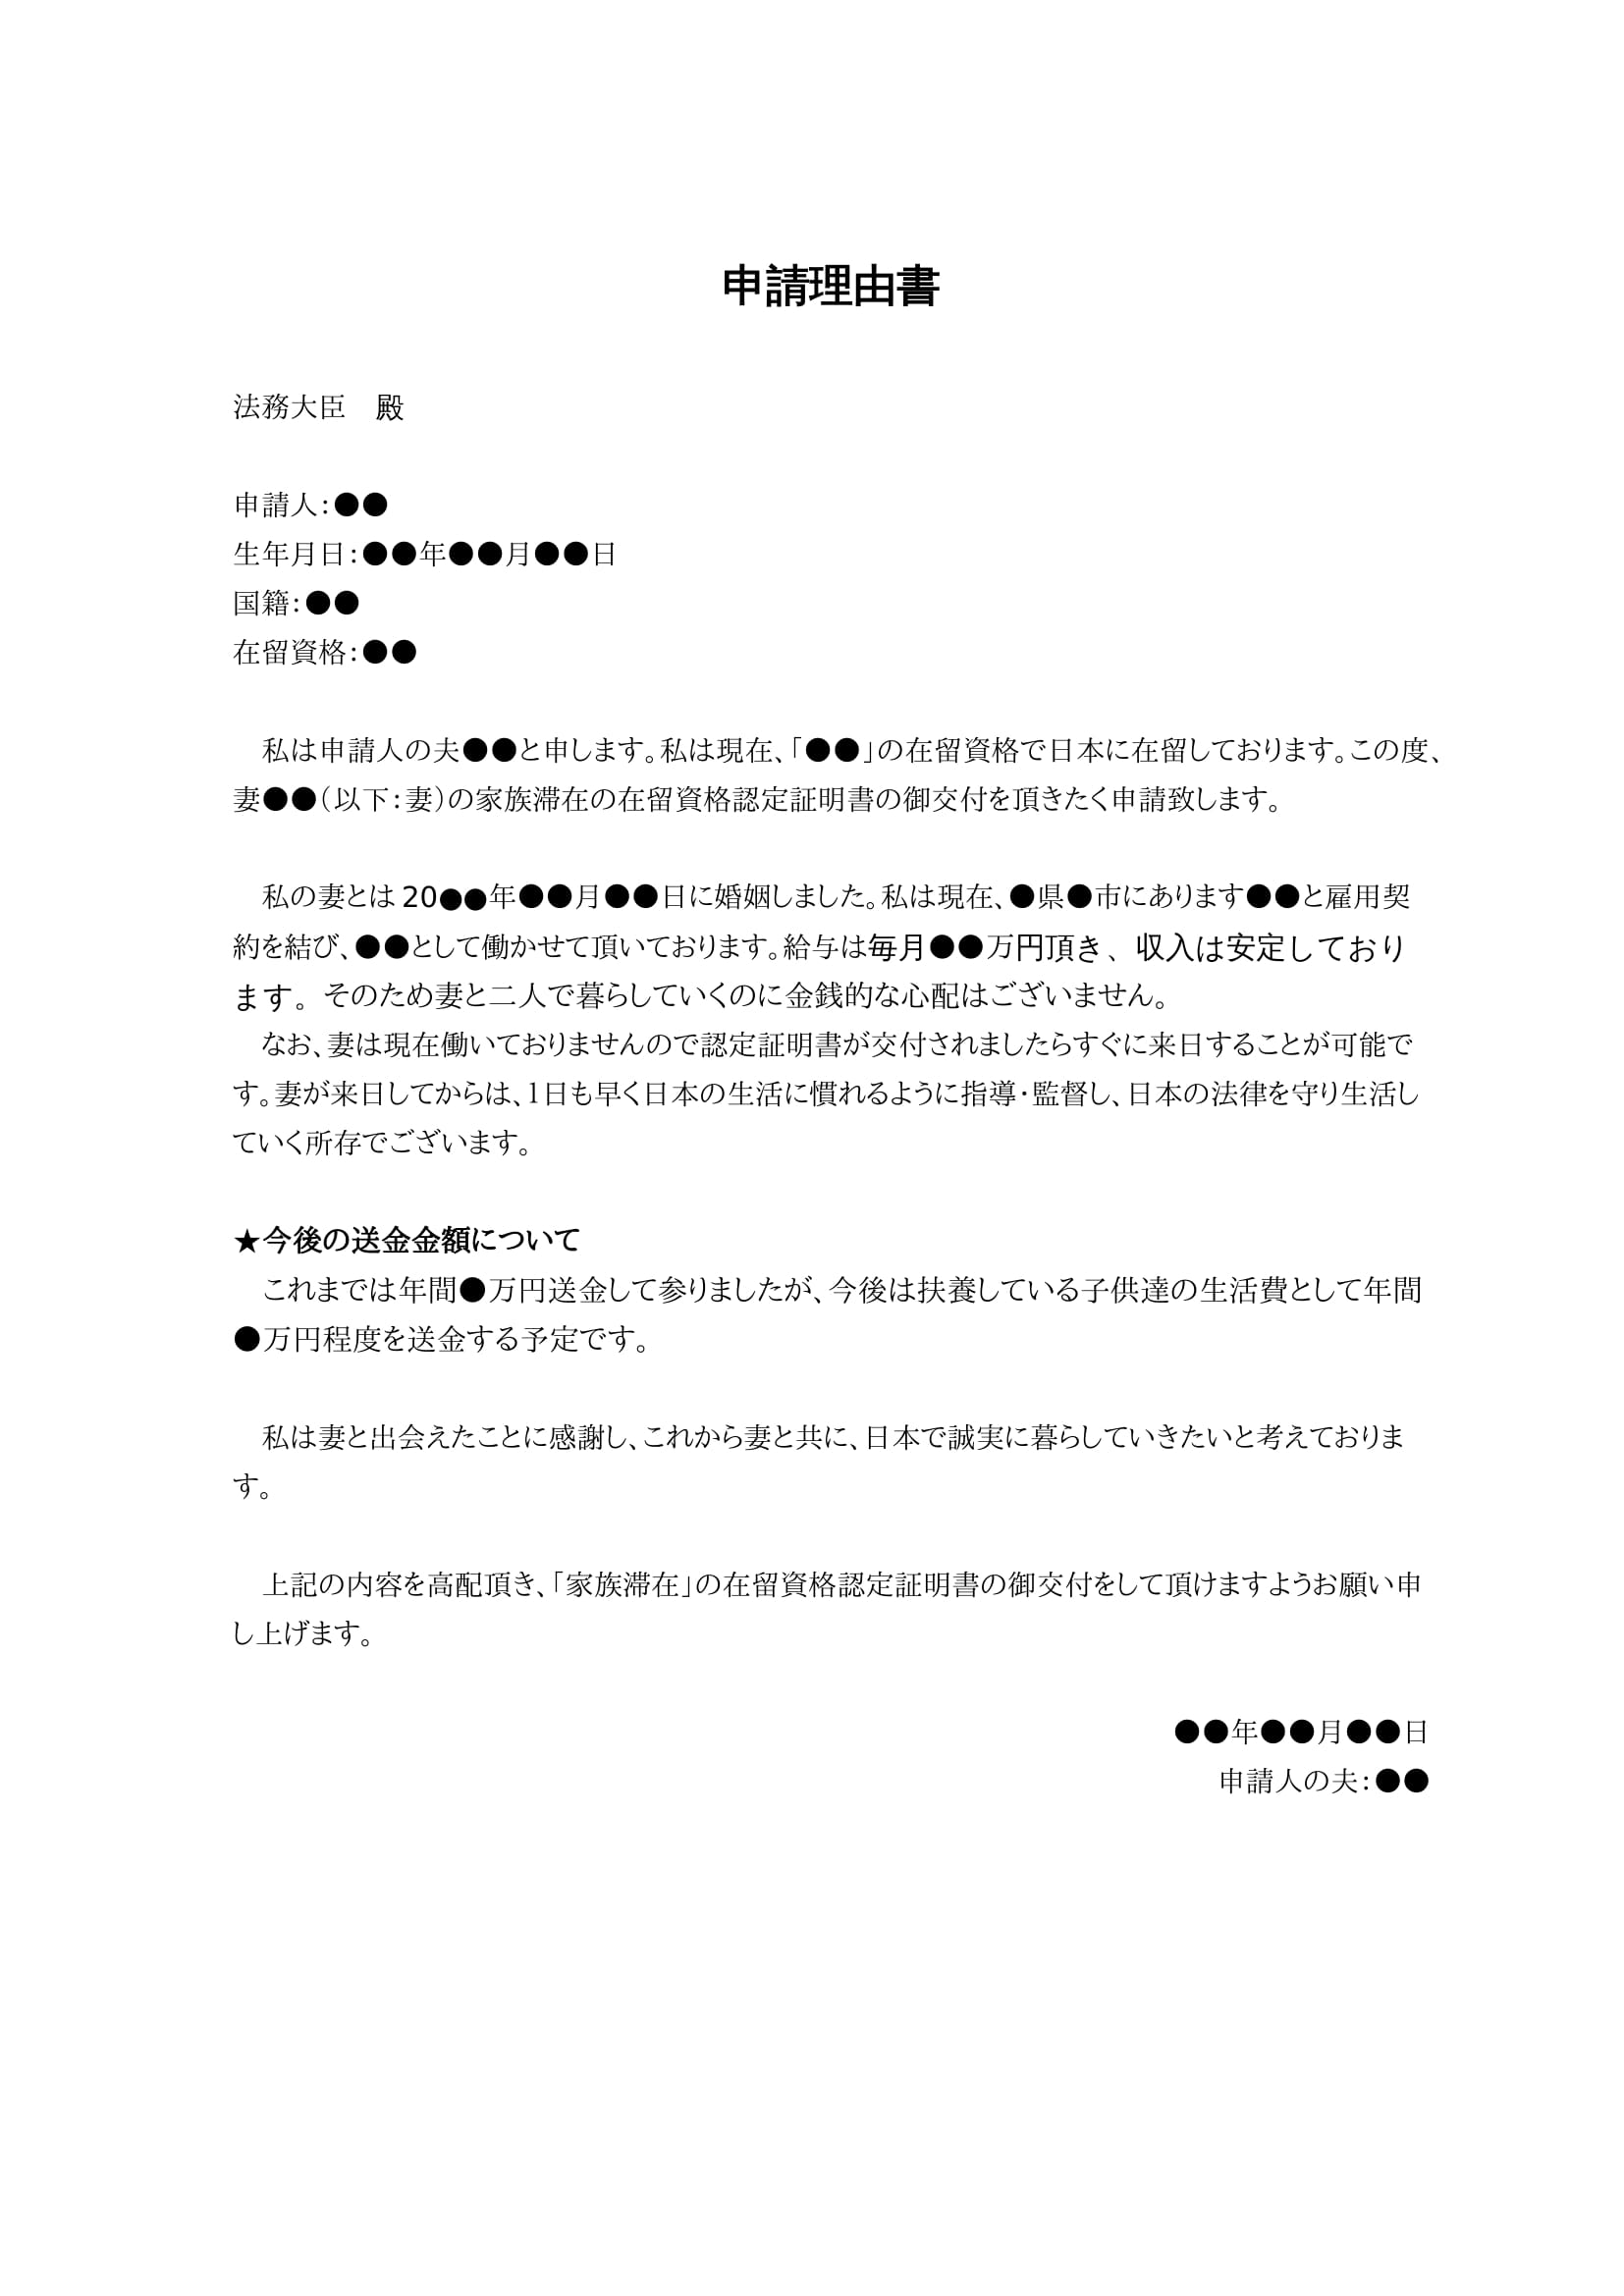 申請理由書 法務大臣 殿 申請人:●● 生年月日:●●年●●月●●日 国籍:●● 在留資格:●● まず 私は申請人の夫●●と申します。私は現在、「●●」の在留資格で日本に在留しております。この度、妻●●(以下:妻)の家族滞在の在留資格認定証明書の御交付を頂きたく申請致します。  私の妻とは20●●年●●月●●日に婚姻しました。私は現在、●県●市にあります●●と雇用契約を結び、●●として働かせて頂いております。給与は毎月●●万円頂き、収入は安定しております。そのため妻と二人で暮らしていくのに金銭的な心配はございません。 なお、妻は現在働いておりませんので認定証明書が交付されましたらすぐに来日することが可能です。妻が来日してからは、1日も早く日本の生活に慣れるように指導・監督し、日本の法律を守り生活していく所存でございます。 ★今後の送金金額について これまでは年間●万円送金して参りましたが、今後は扶養している子供達の生活費として年間●万円程度を送金する予定です。 私は妻と出会えたことに感謝し、これから妻と共に、日本で誠実に暮らしていきたいと考えております。 上記の内容を高配頂き、「家族滞在」の在留資格認定証明書の御交付をして頂けますようお願い申し上げます。  ●●年●●月●●日 申請人の夫:●●